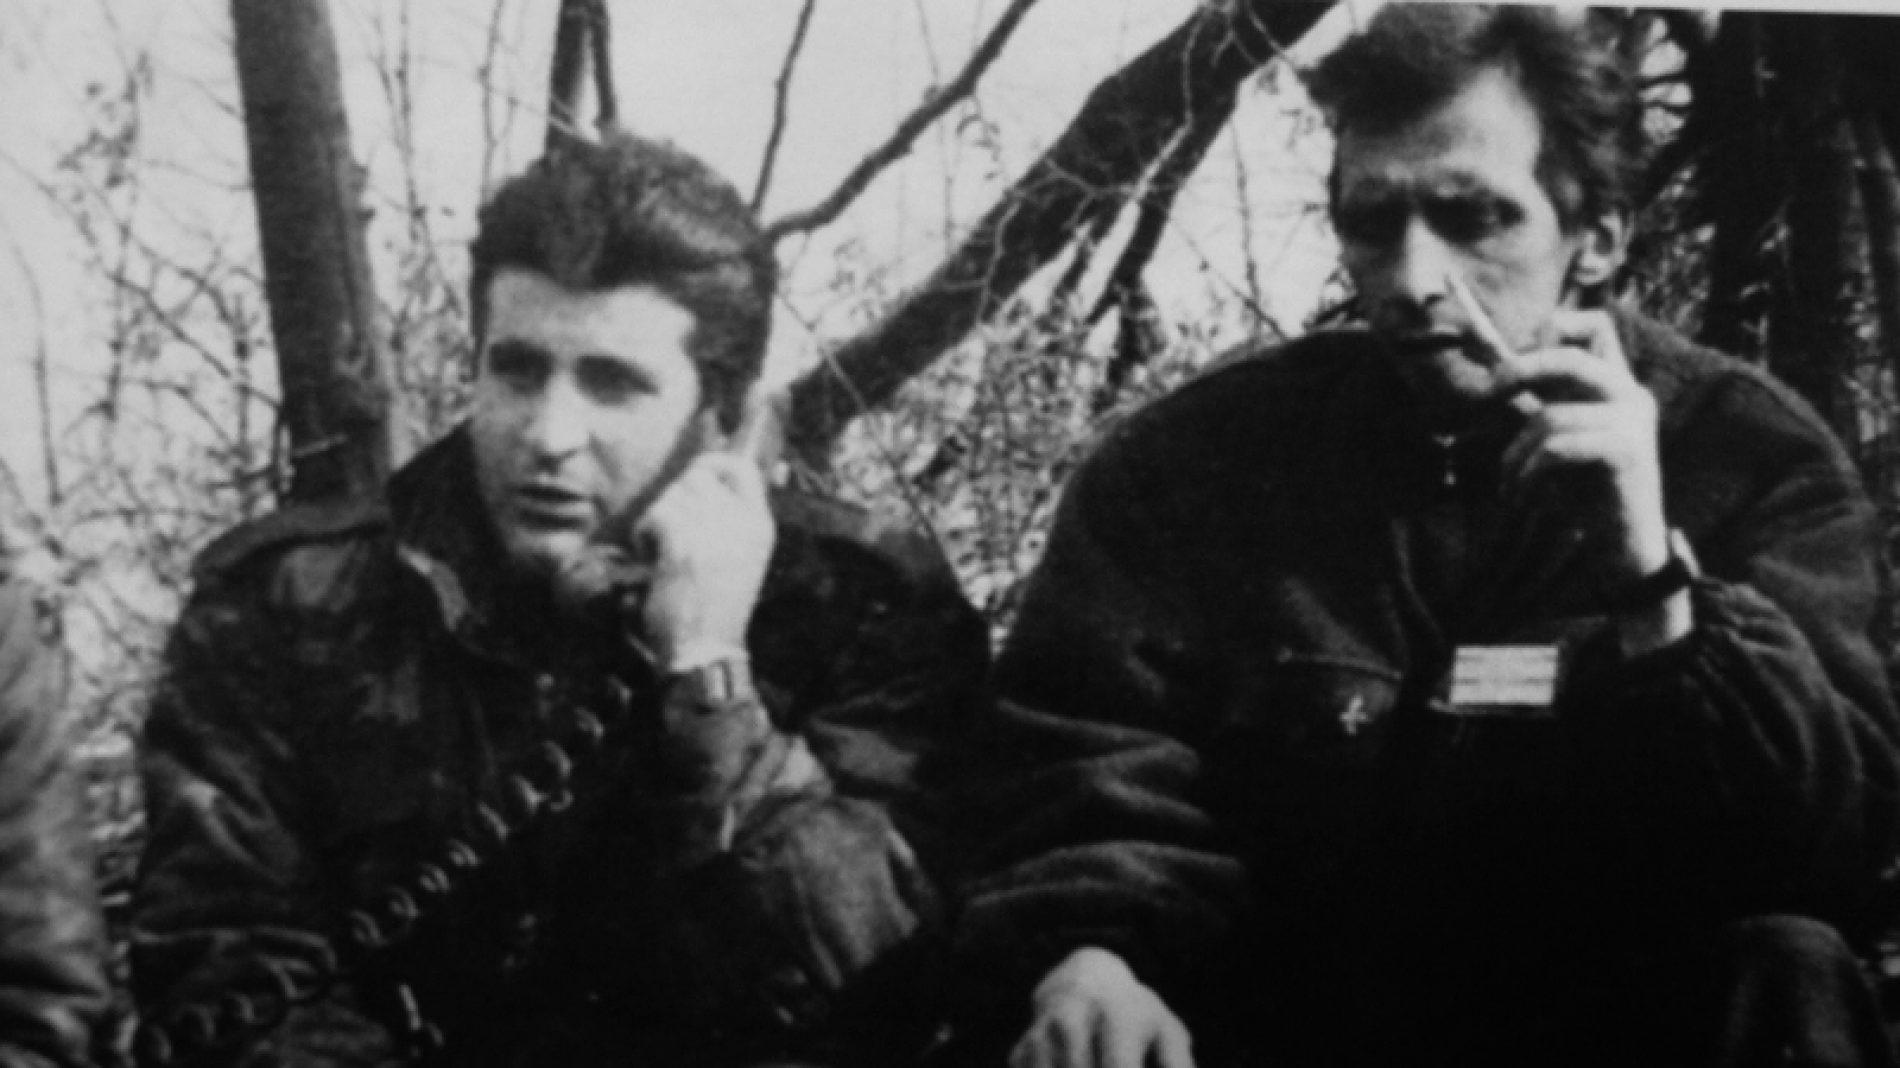 Prije 27 godina život za odbranu domovine dao je heroj Enver Šehović